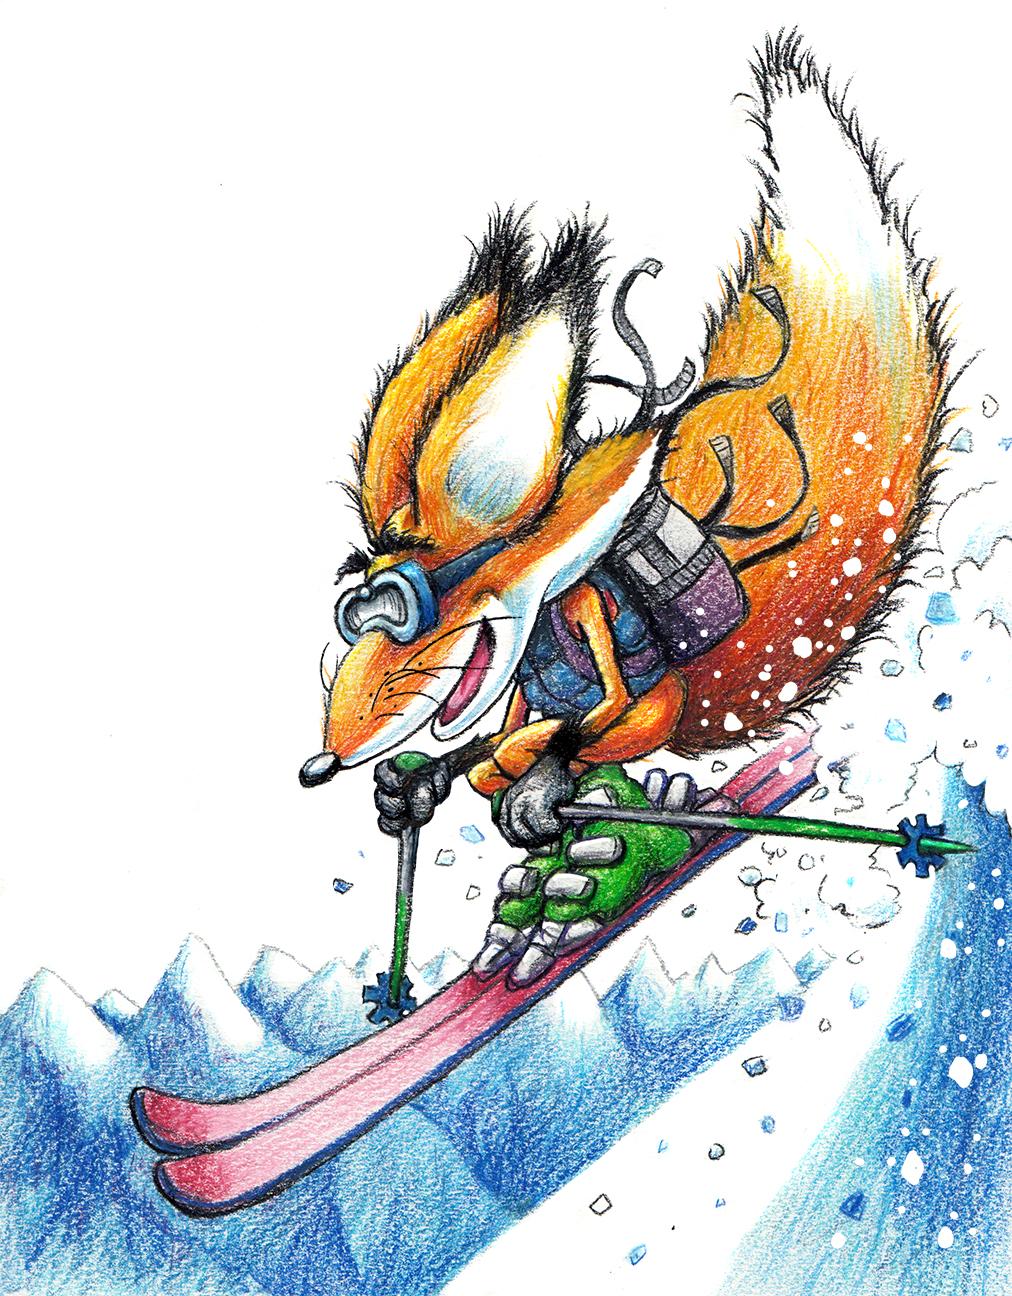 free ski sammy 16 sm